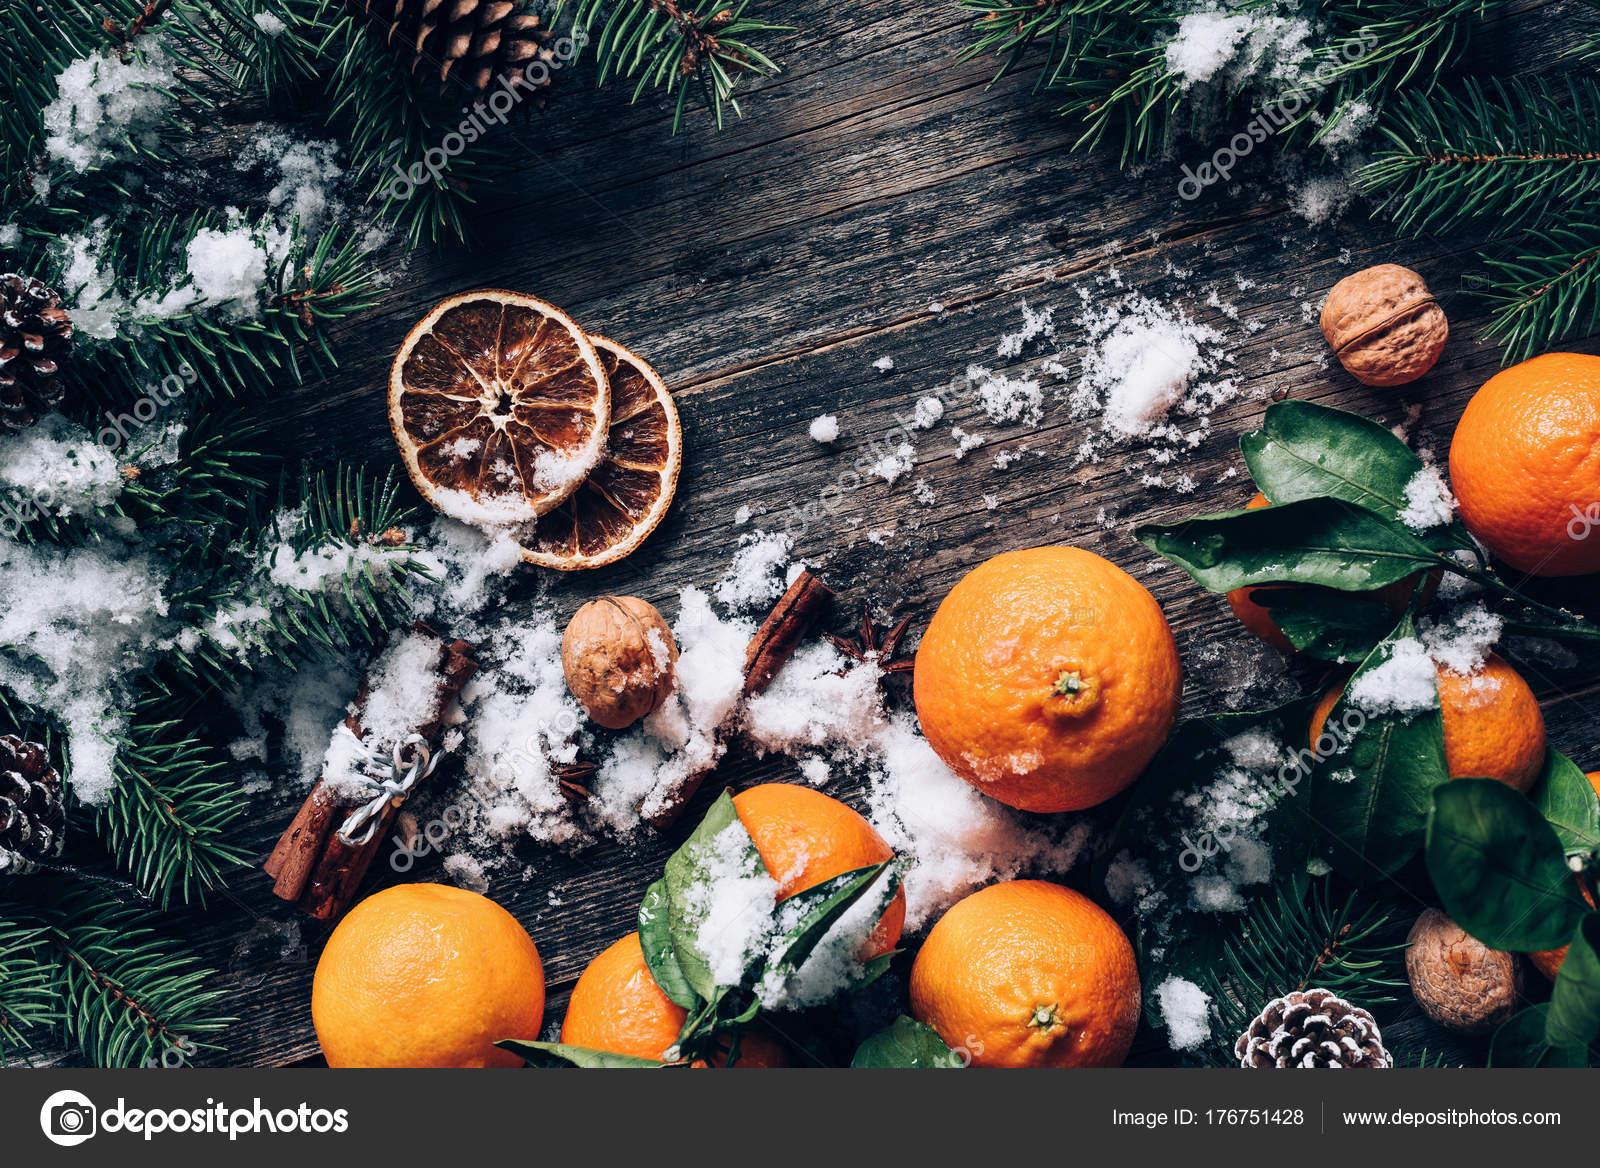 Weihnachten oder Silvester Wallpaper Hintergrund mit Mandarinen ...